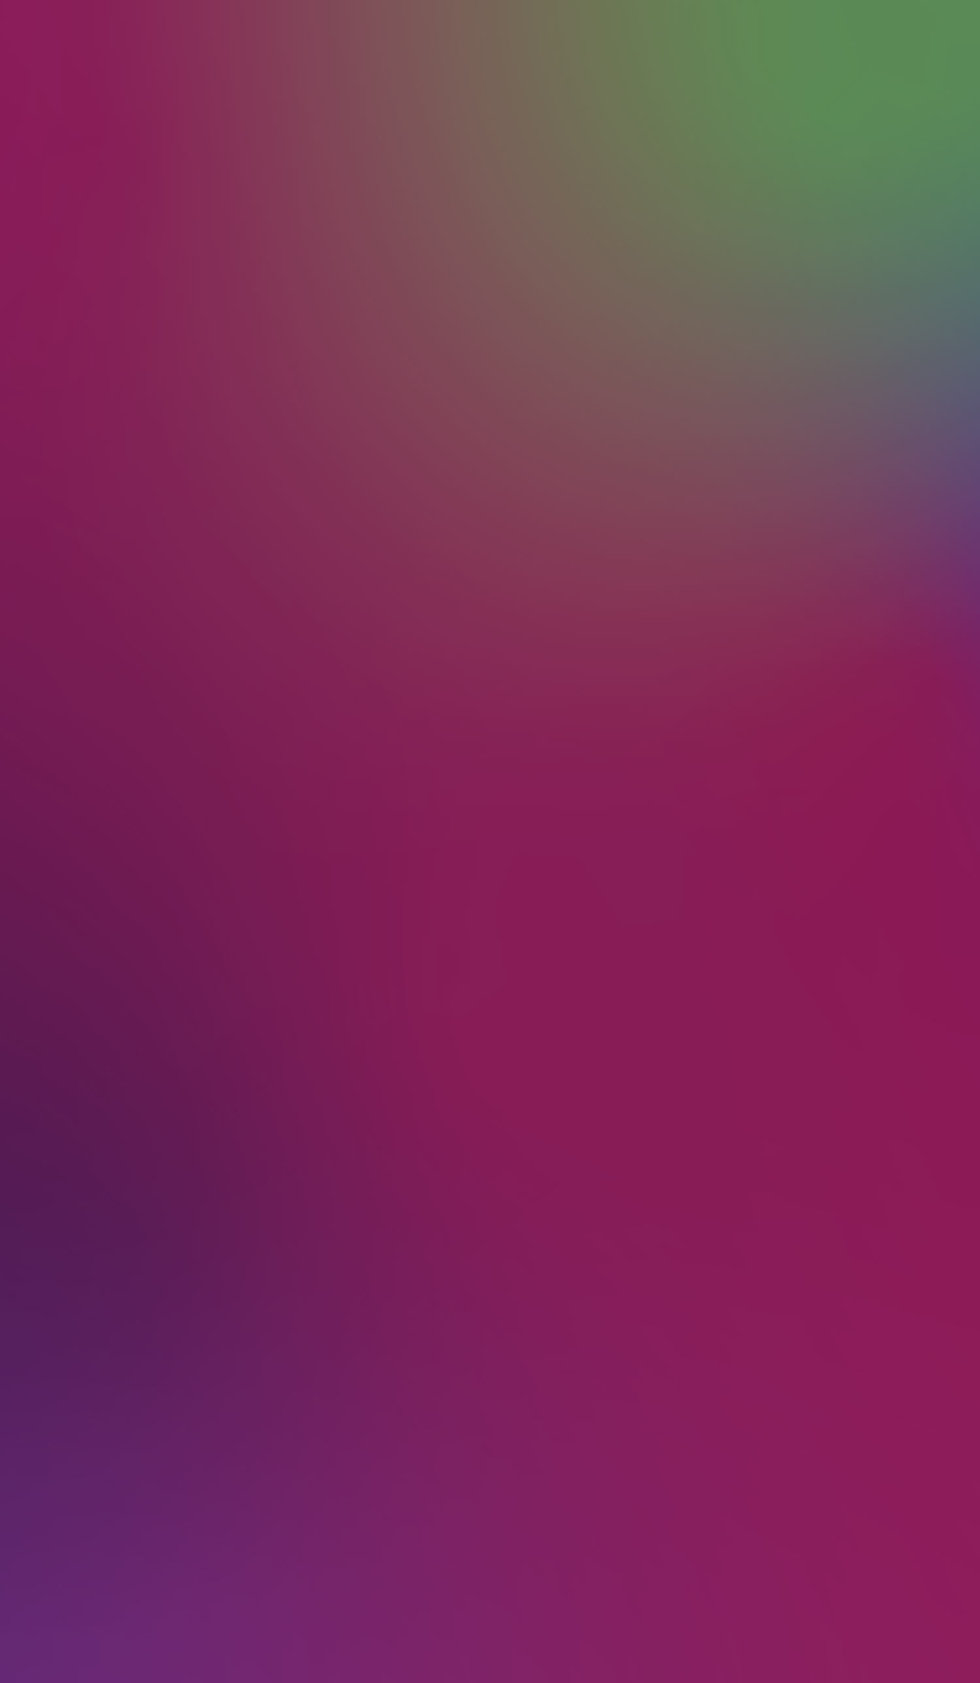 gradient_background.jpg